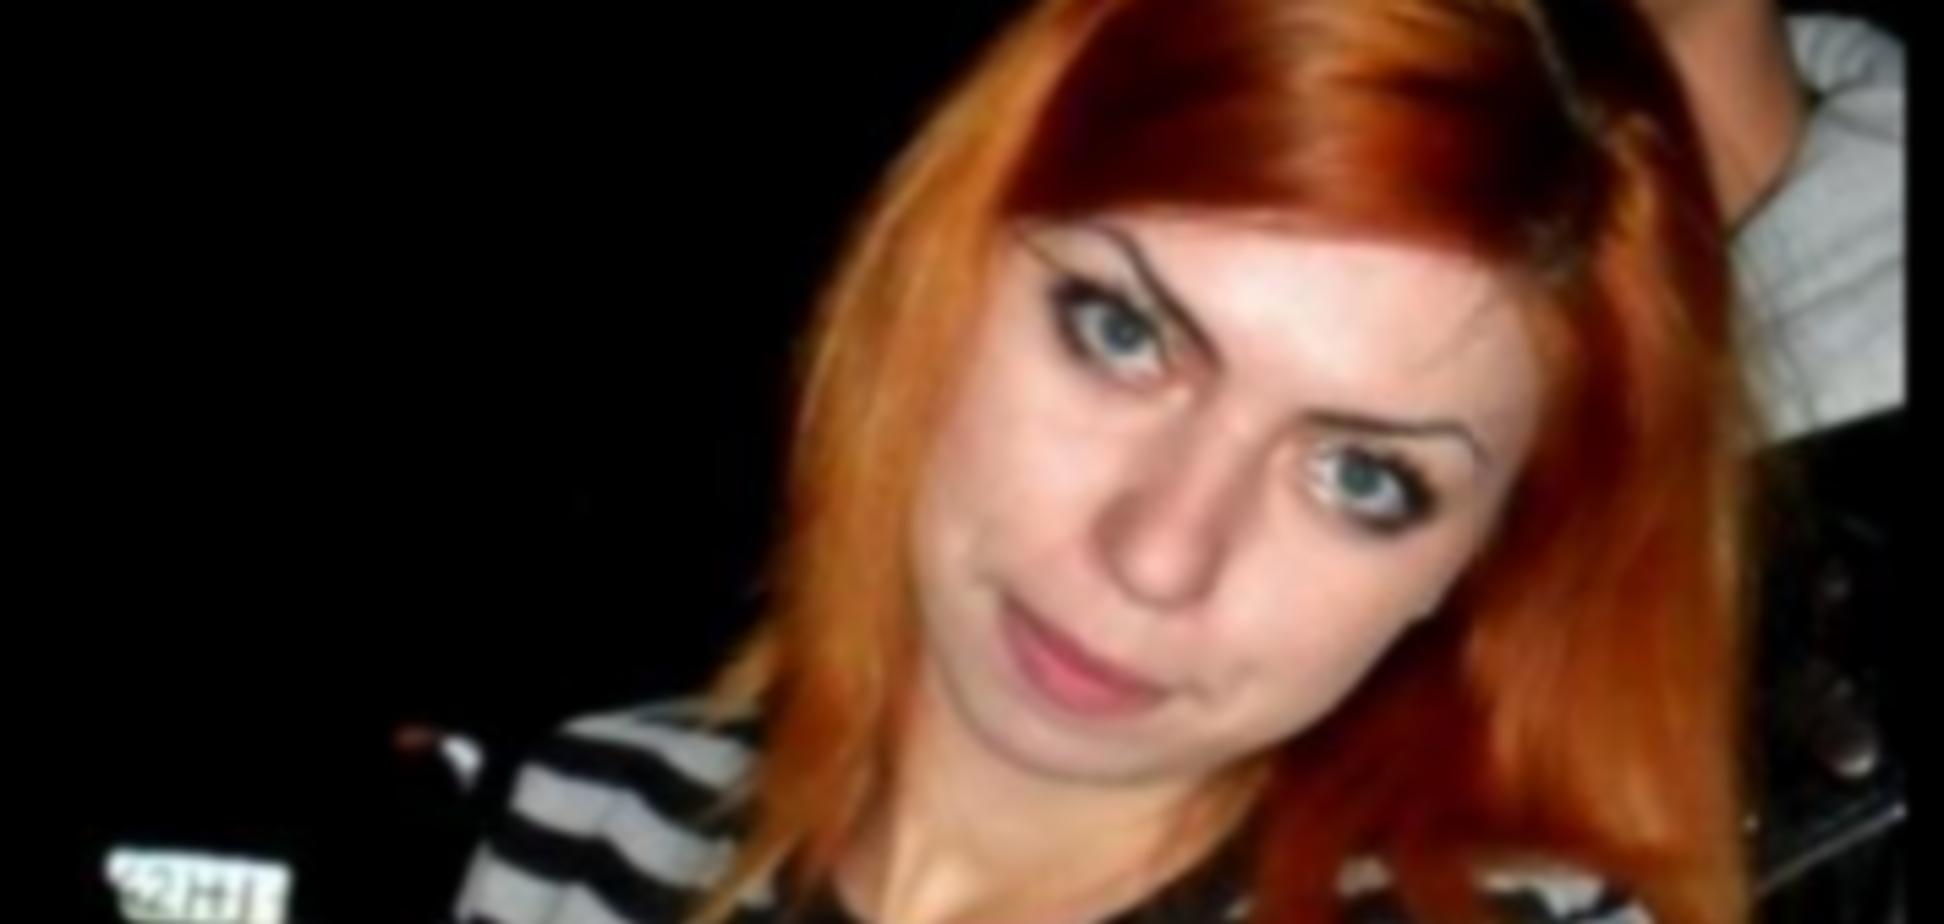 Виявився екс-бойфрендом: у справі про звіряче вбивство дівчини на Миколаївщині стався несподіваний поворот